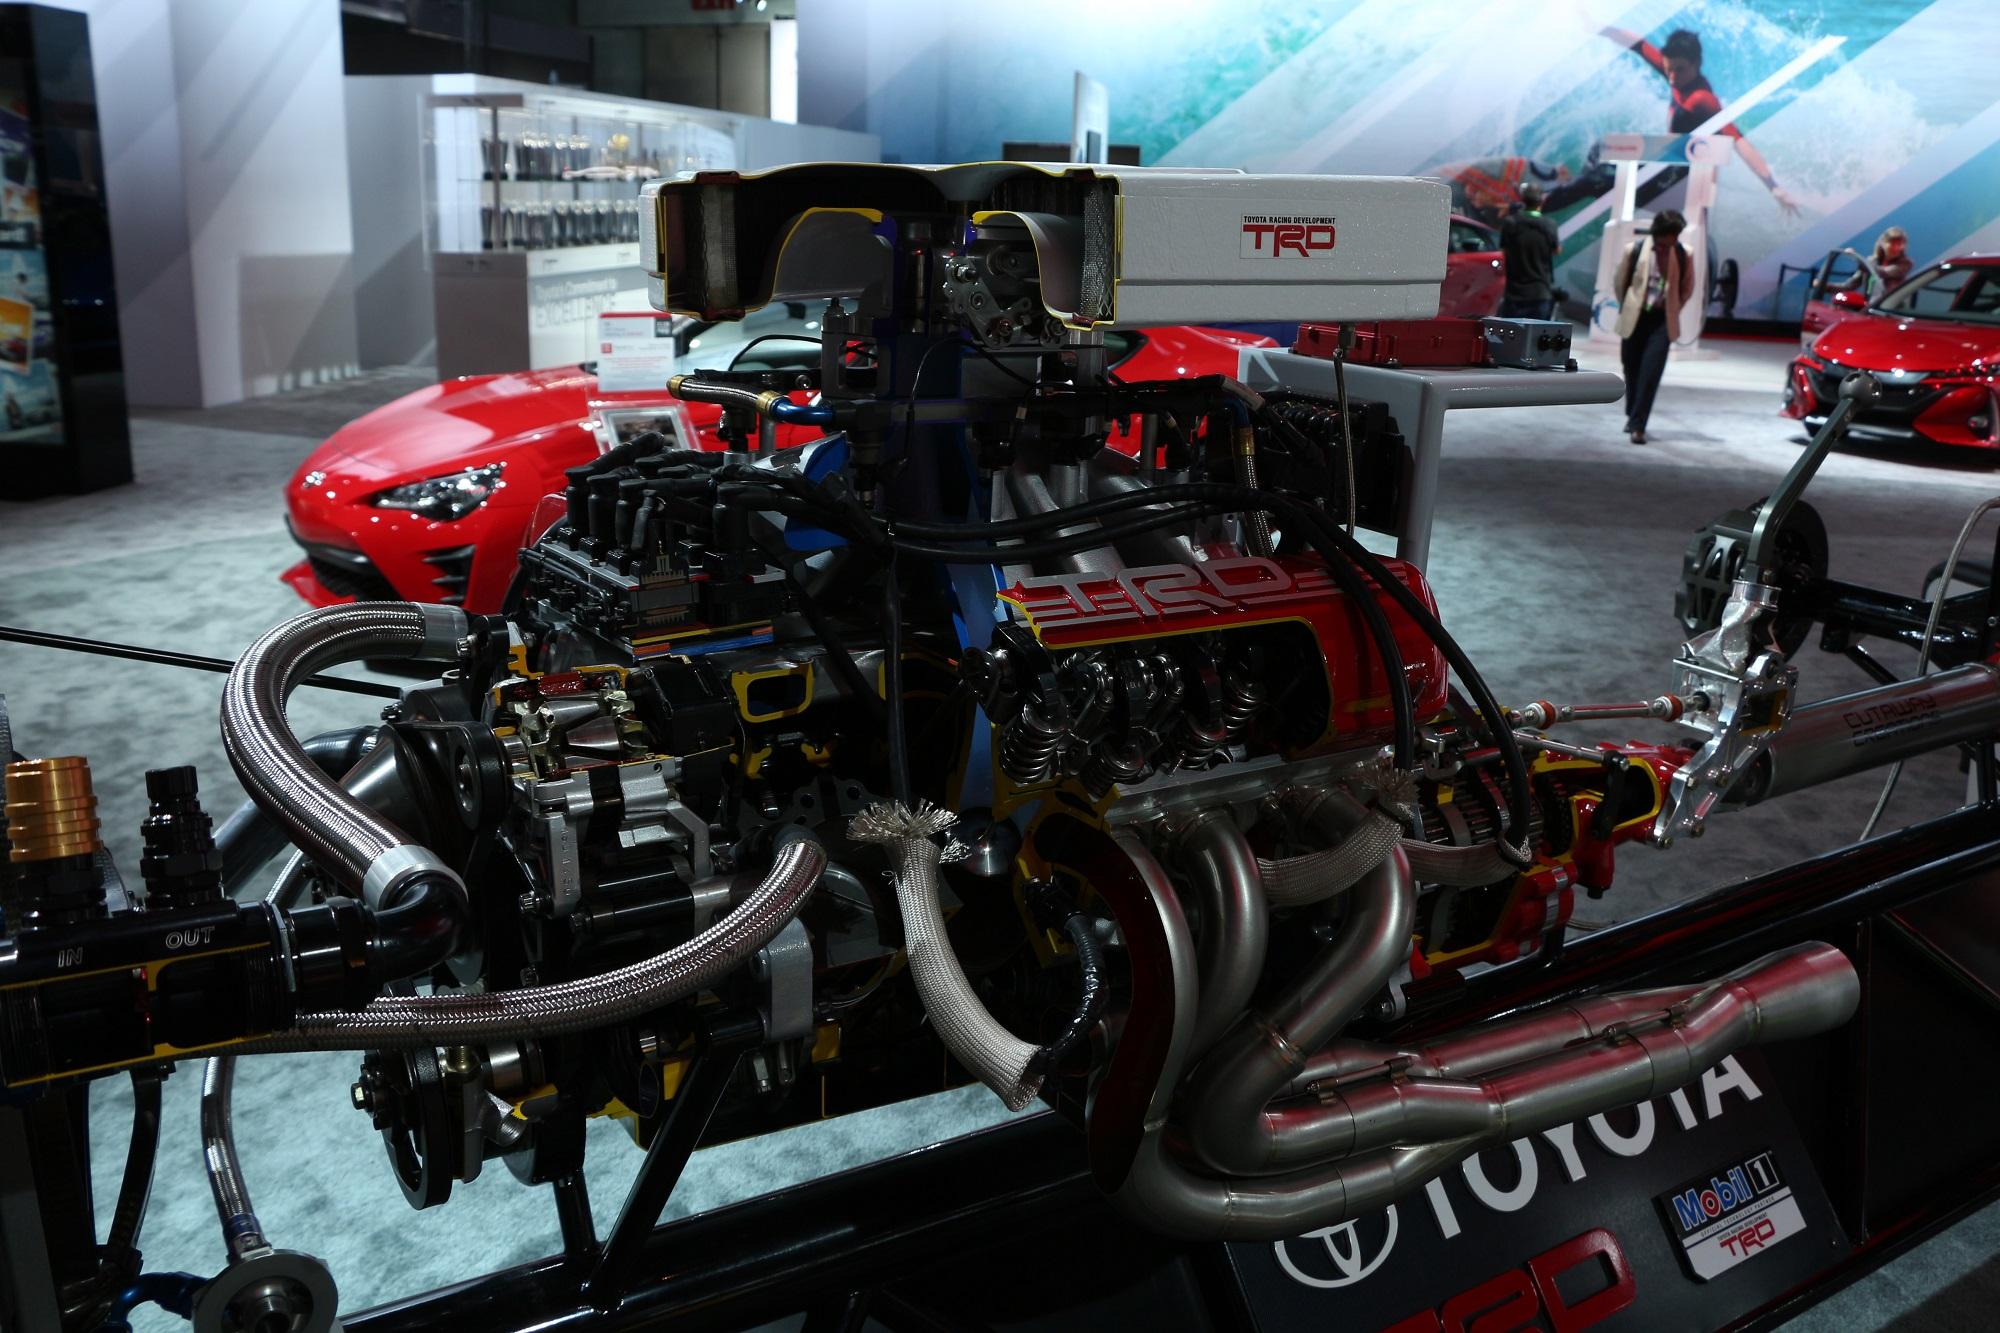 scionlife.com 2017 2018 Toyota TRD NASCAR Monster Cup Car Martin Truex Jr